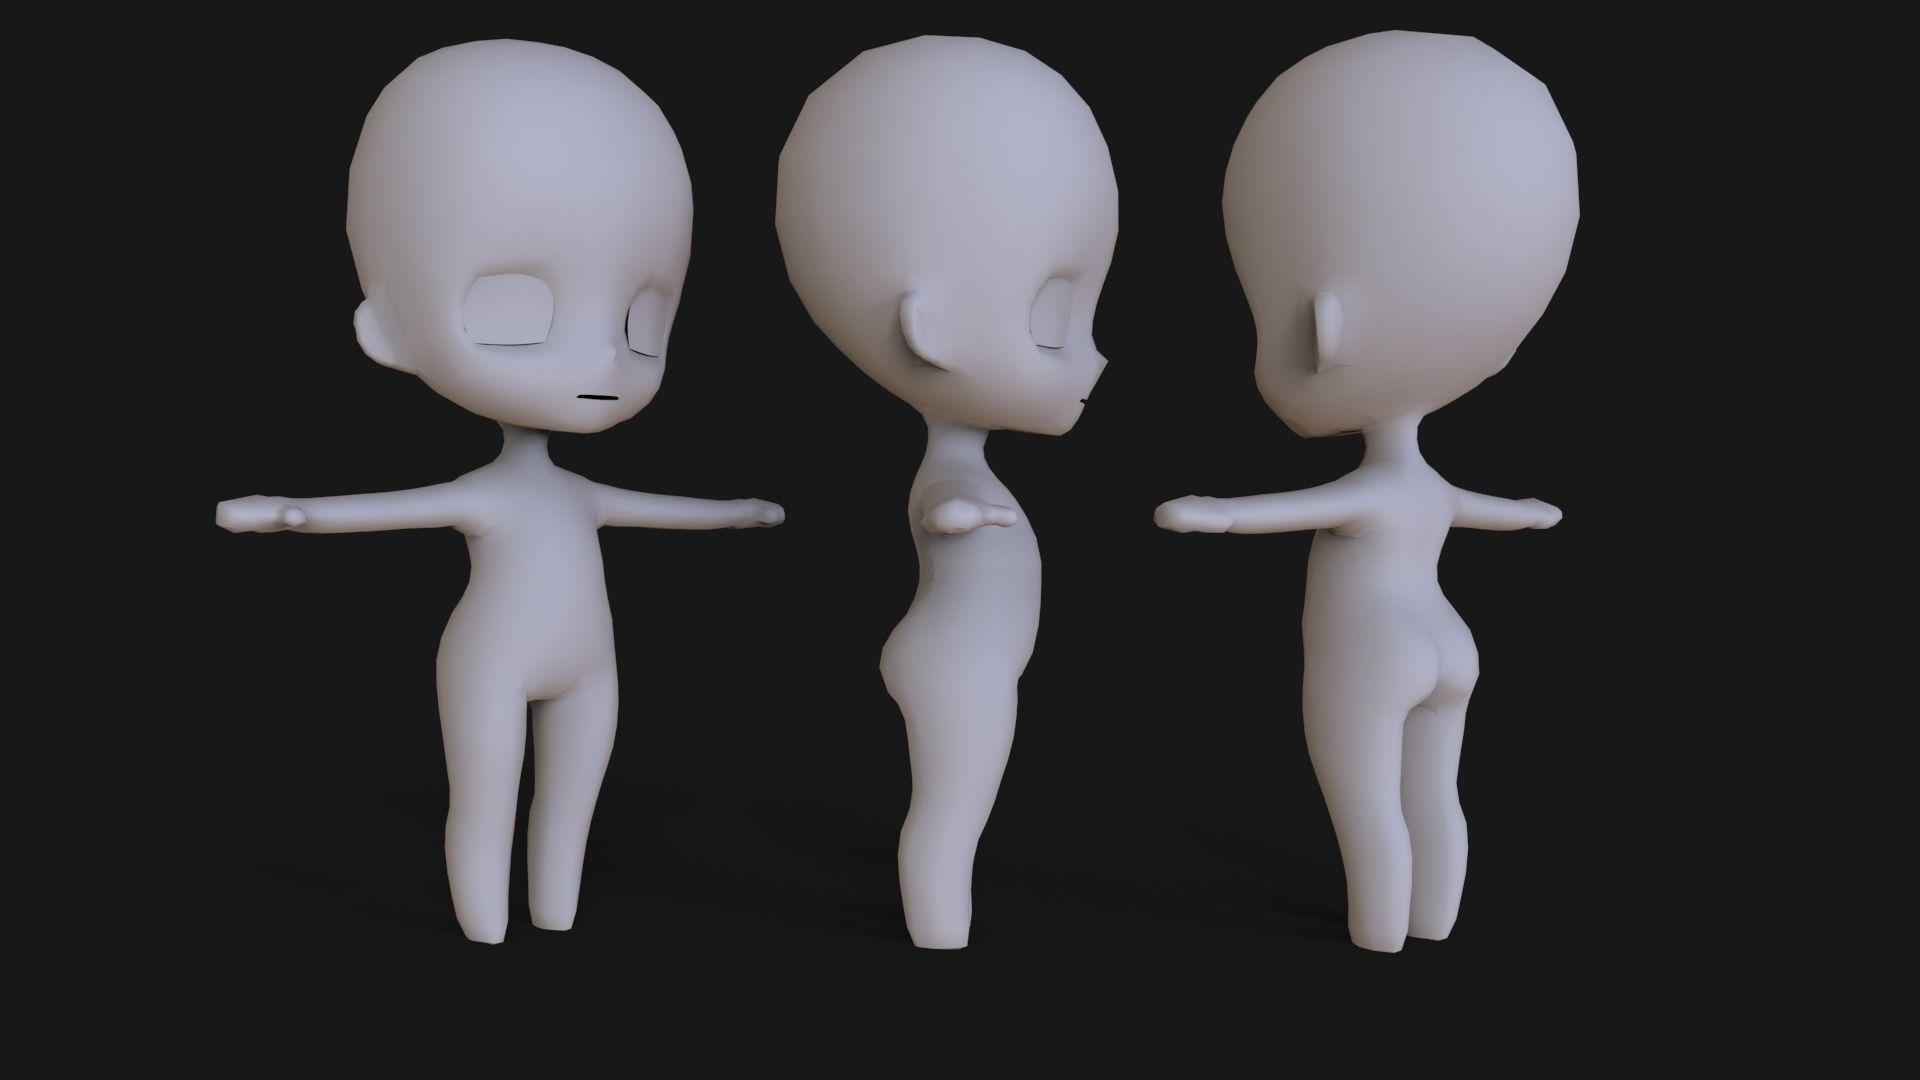 Chibi Base Mesh 3d Model Chibi 3d Model Character 3d Model